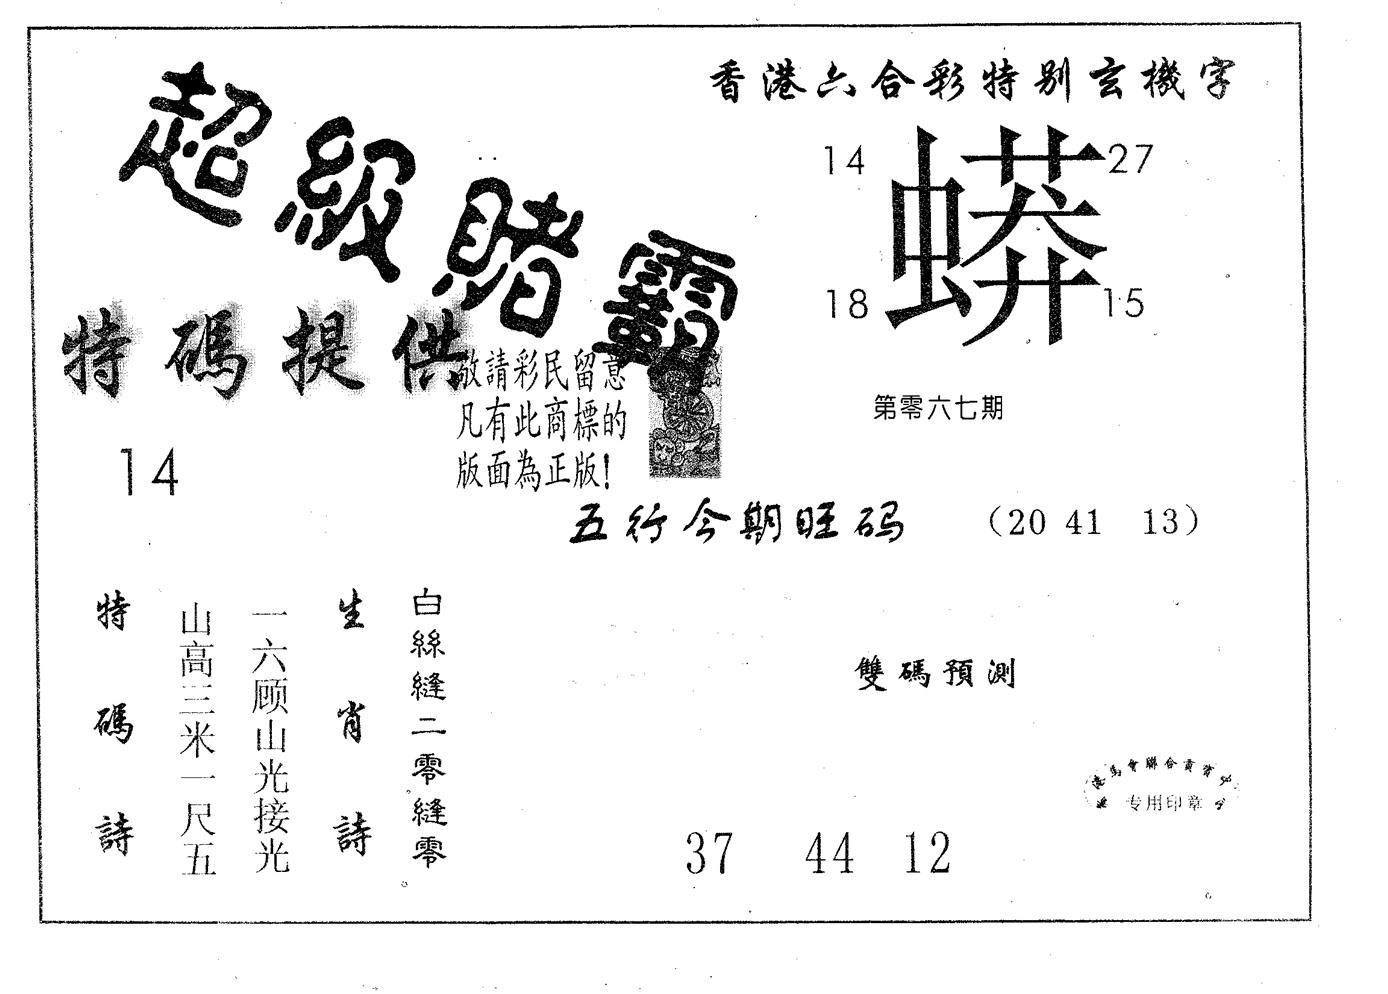 067期超极赌霸(黑白)